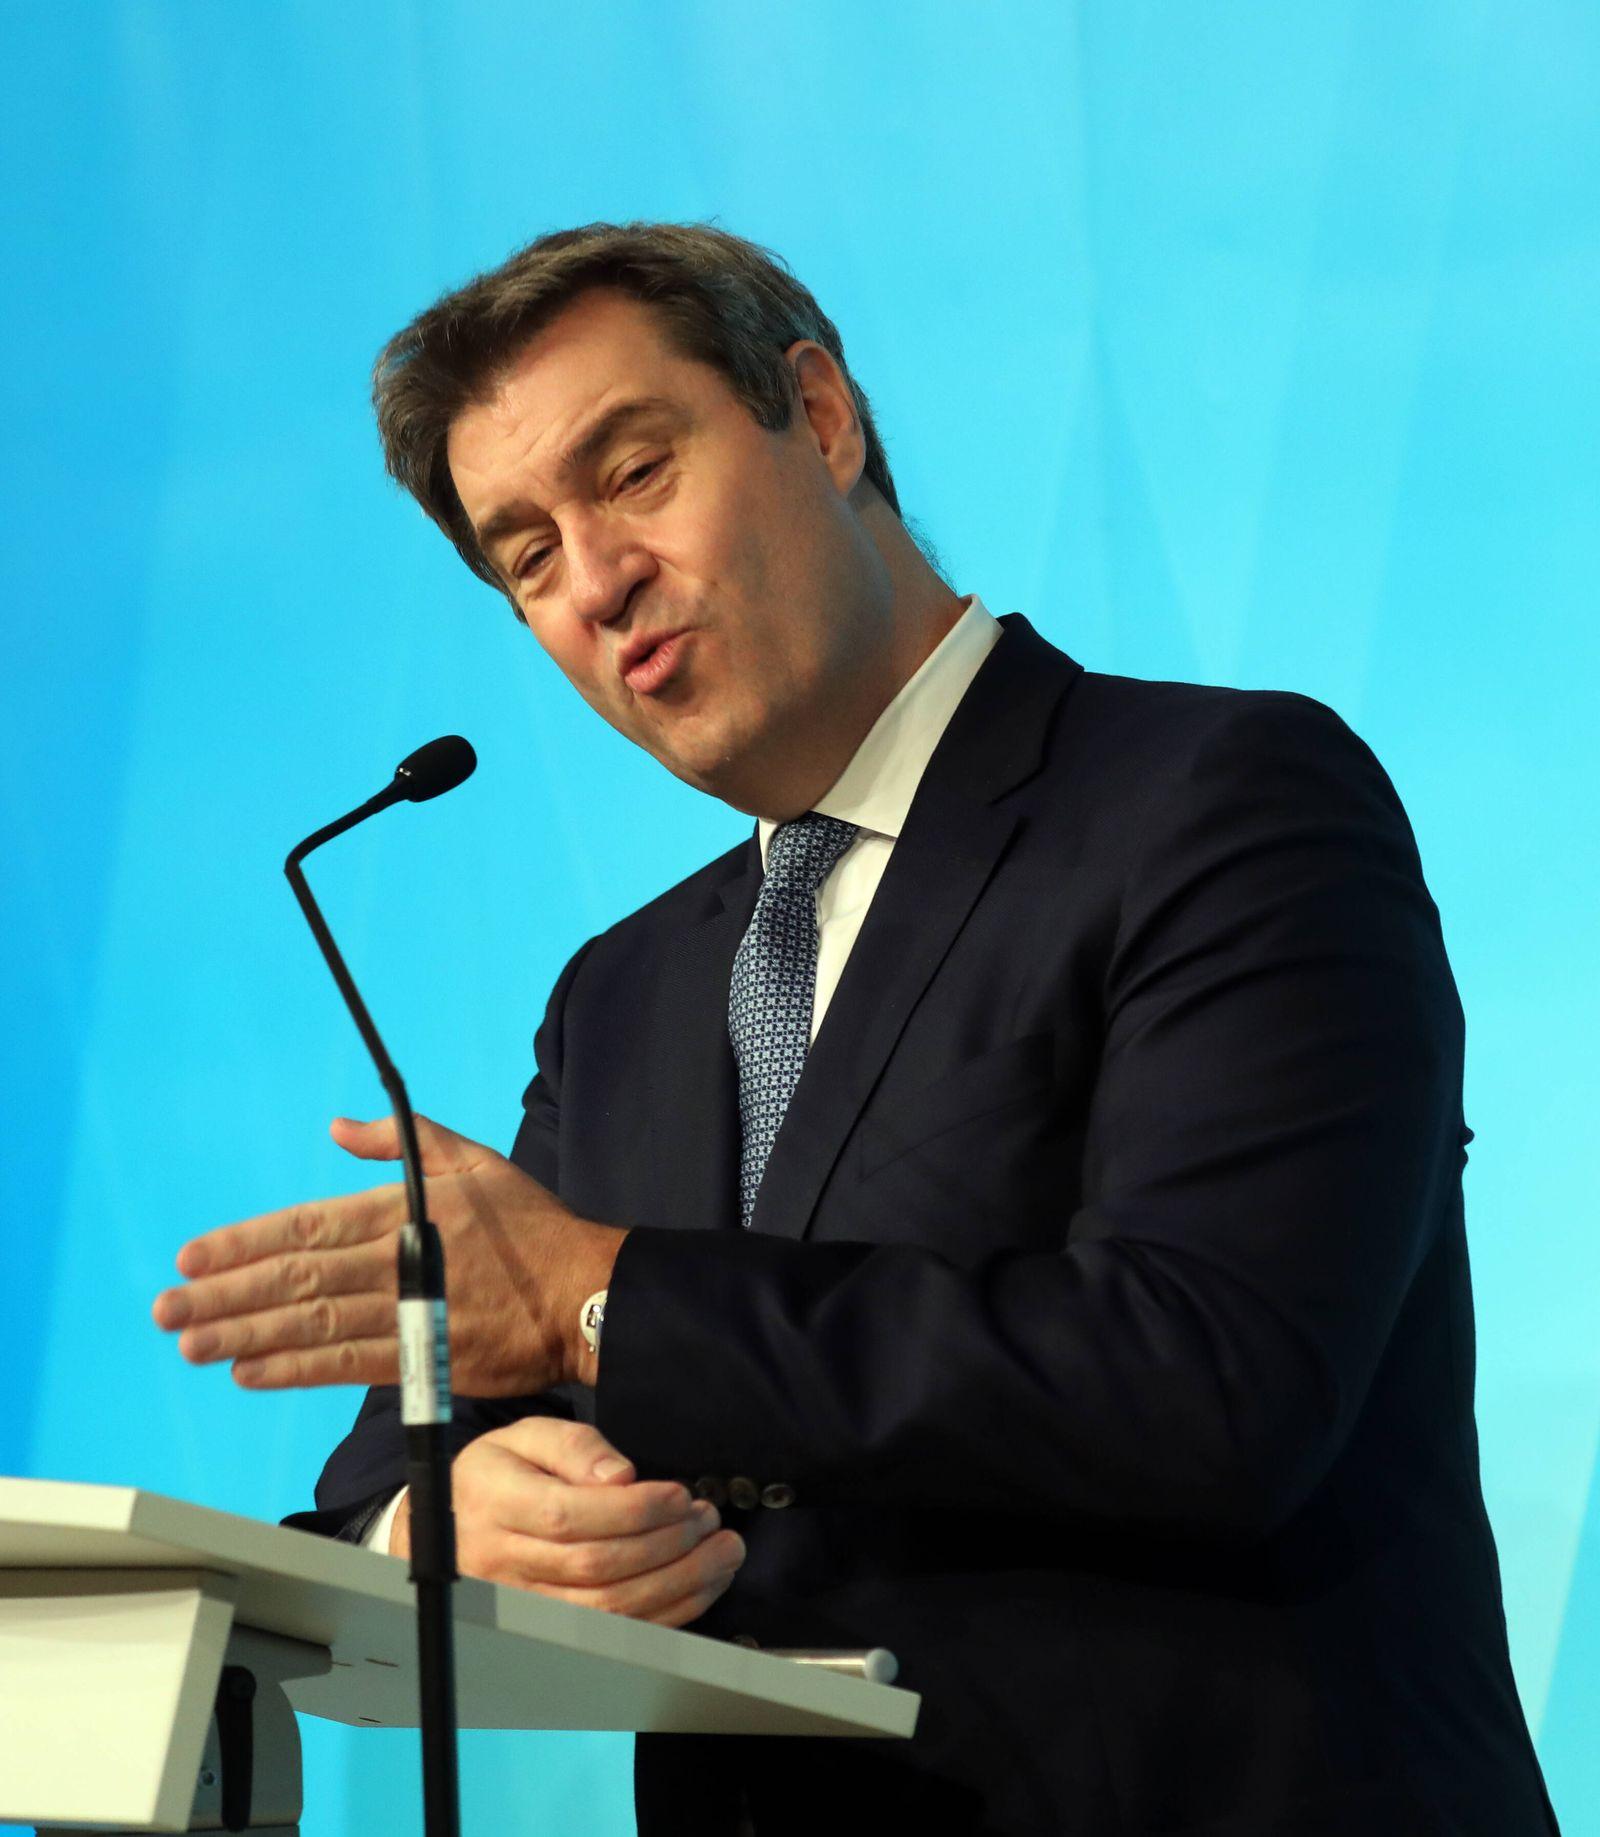 Pressekonferenz von Ministerpräsident Dr. Markus Söder Soeder ãHomeoffice-GipfelÒ Dr. Markus Söder CSU Ministerpräsident